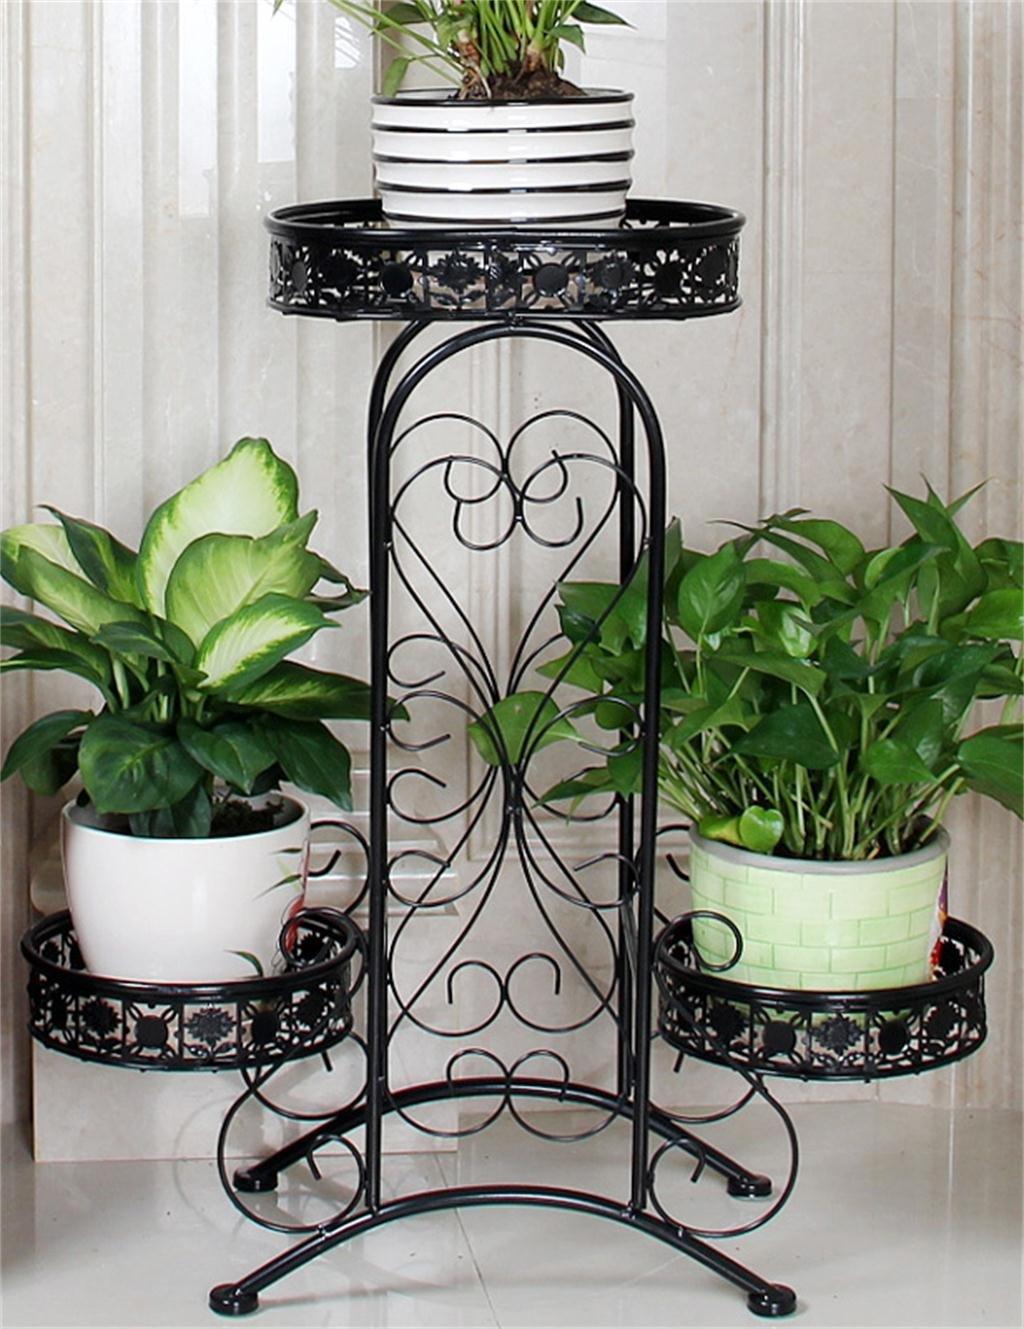 LB Europäische - Stil Blume Rack Eisen Mehrstöckige Balkon Blumentopf Regal Wohnzimmer Pastoral Blumen Töpfe Regal Montage Blumentopf Regal ( farbe : Schwarz )